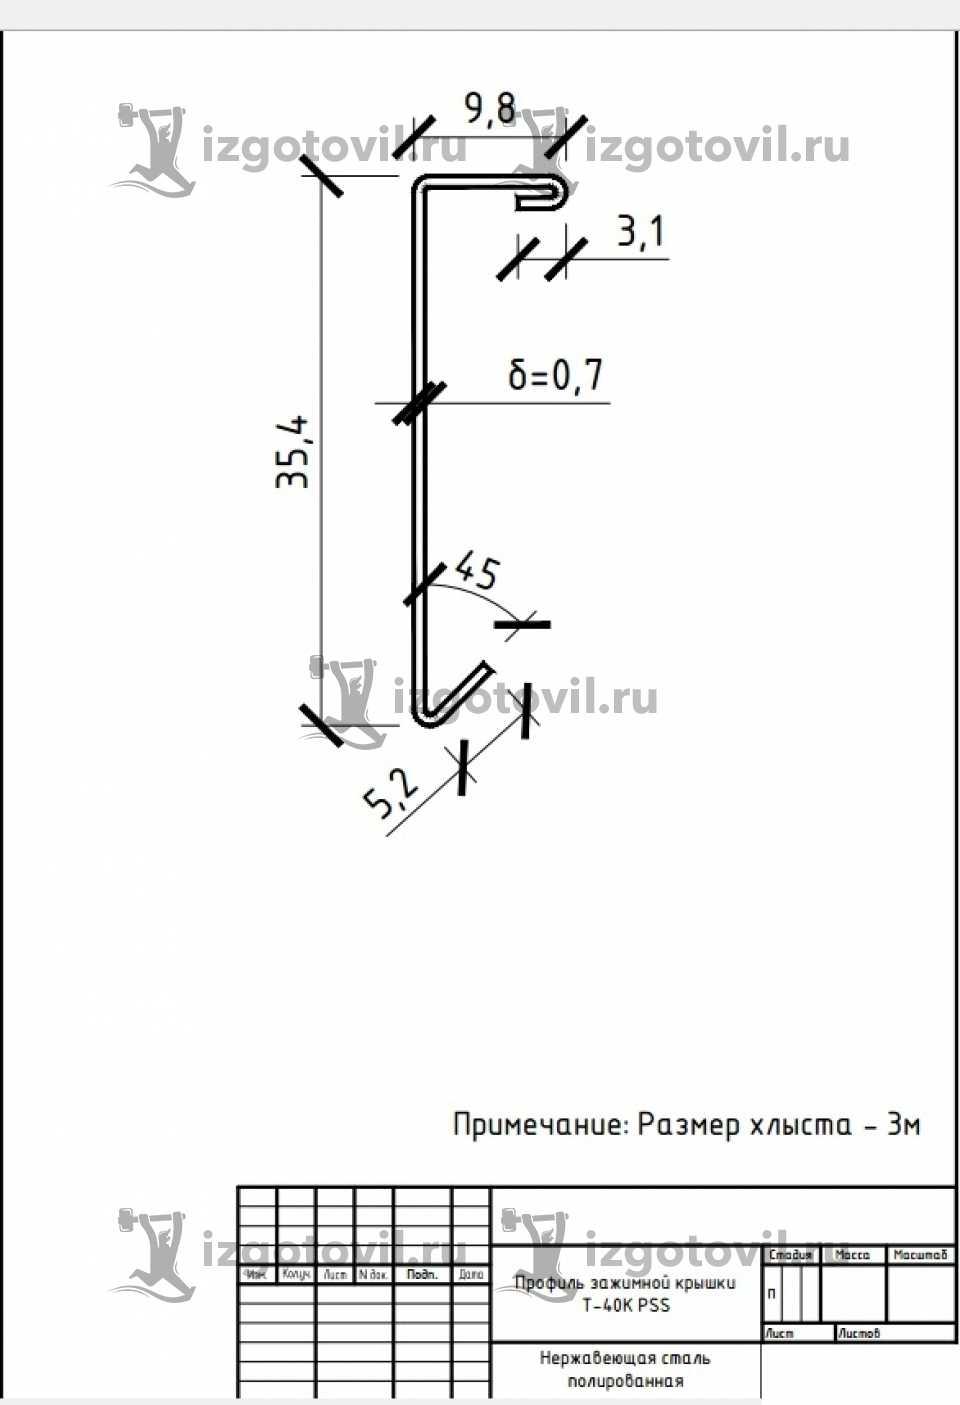 Изготовление металлоконструкций - изготовить профиль